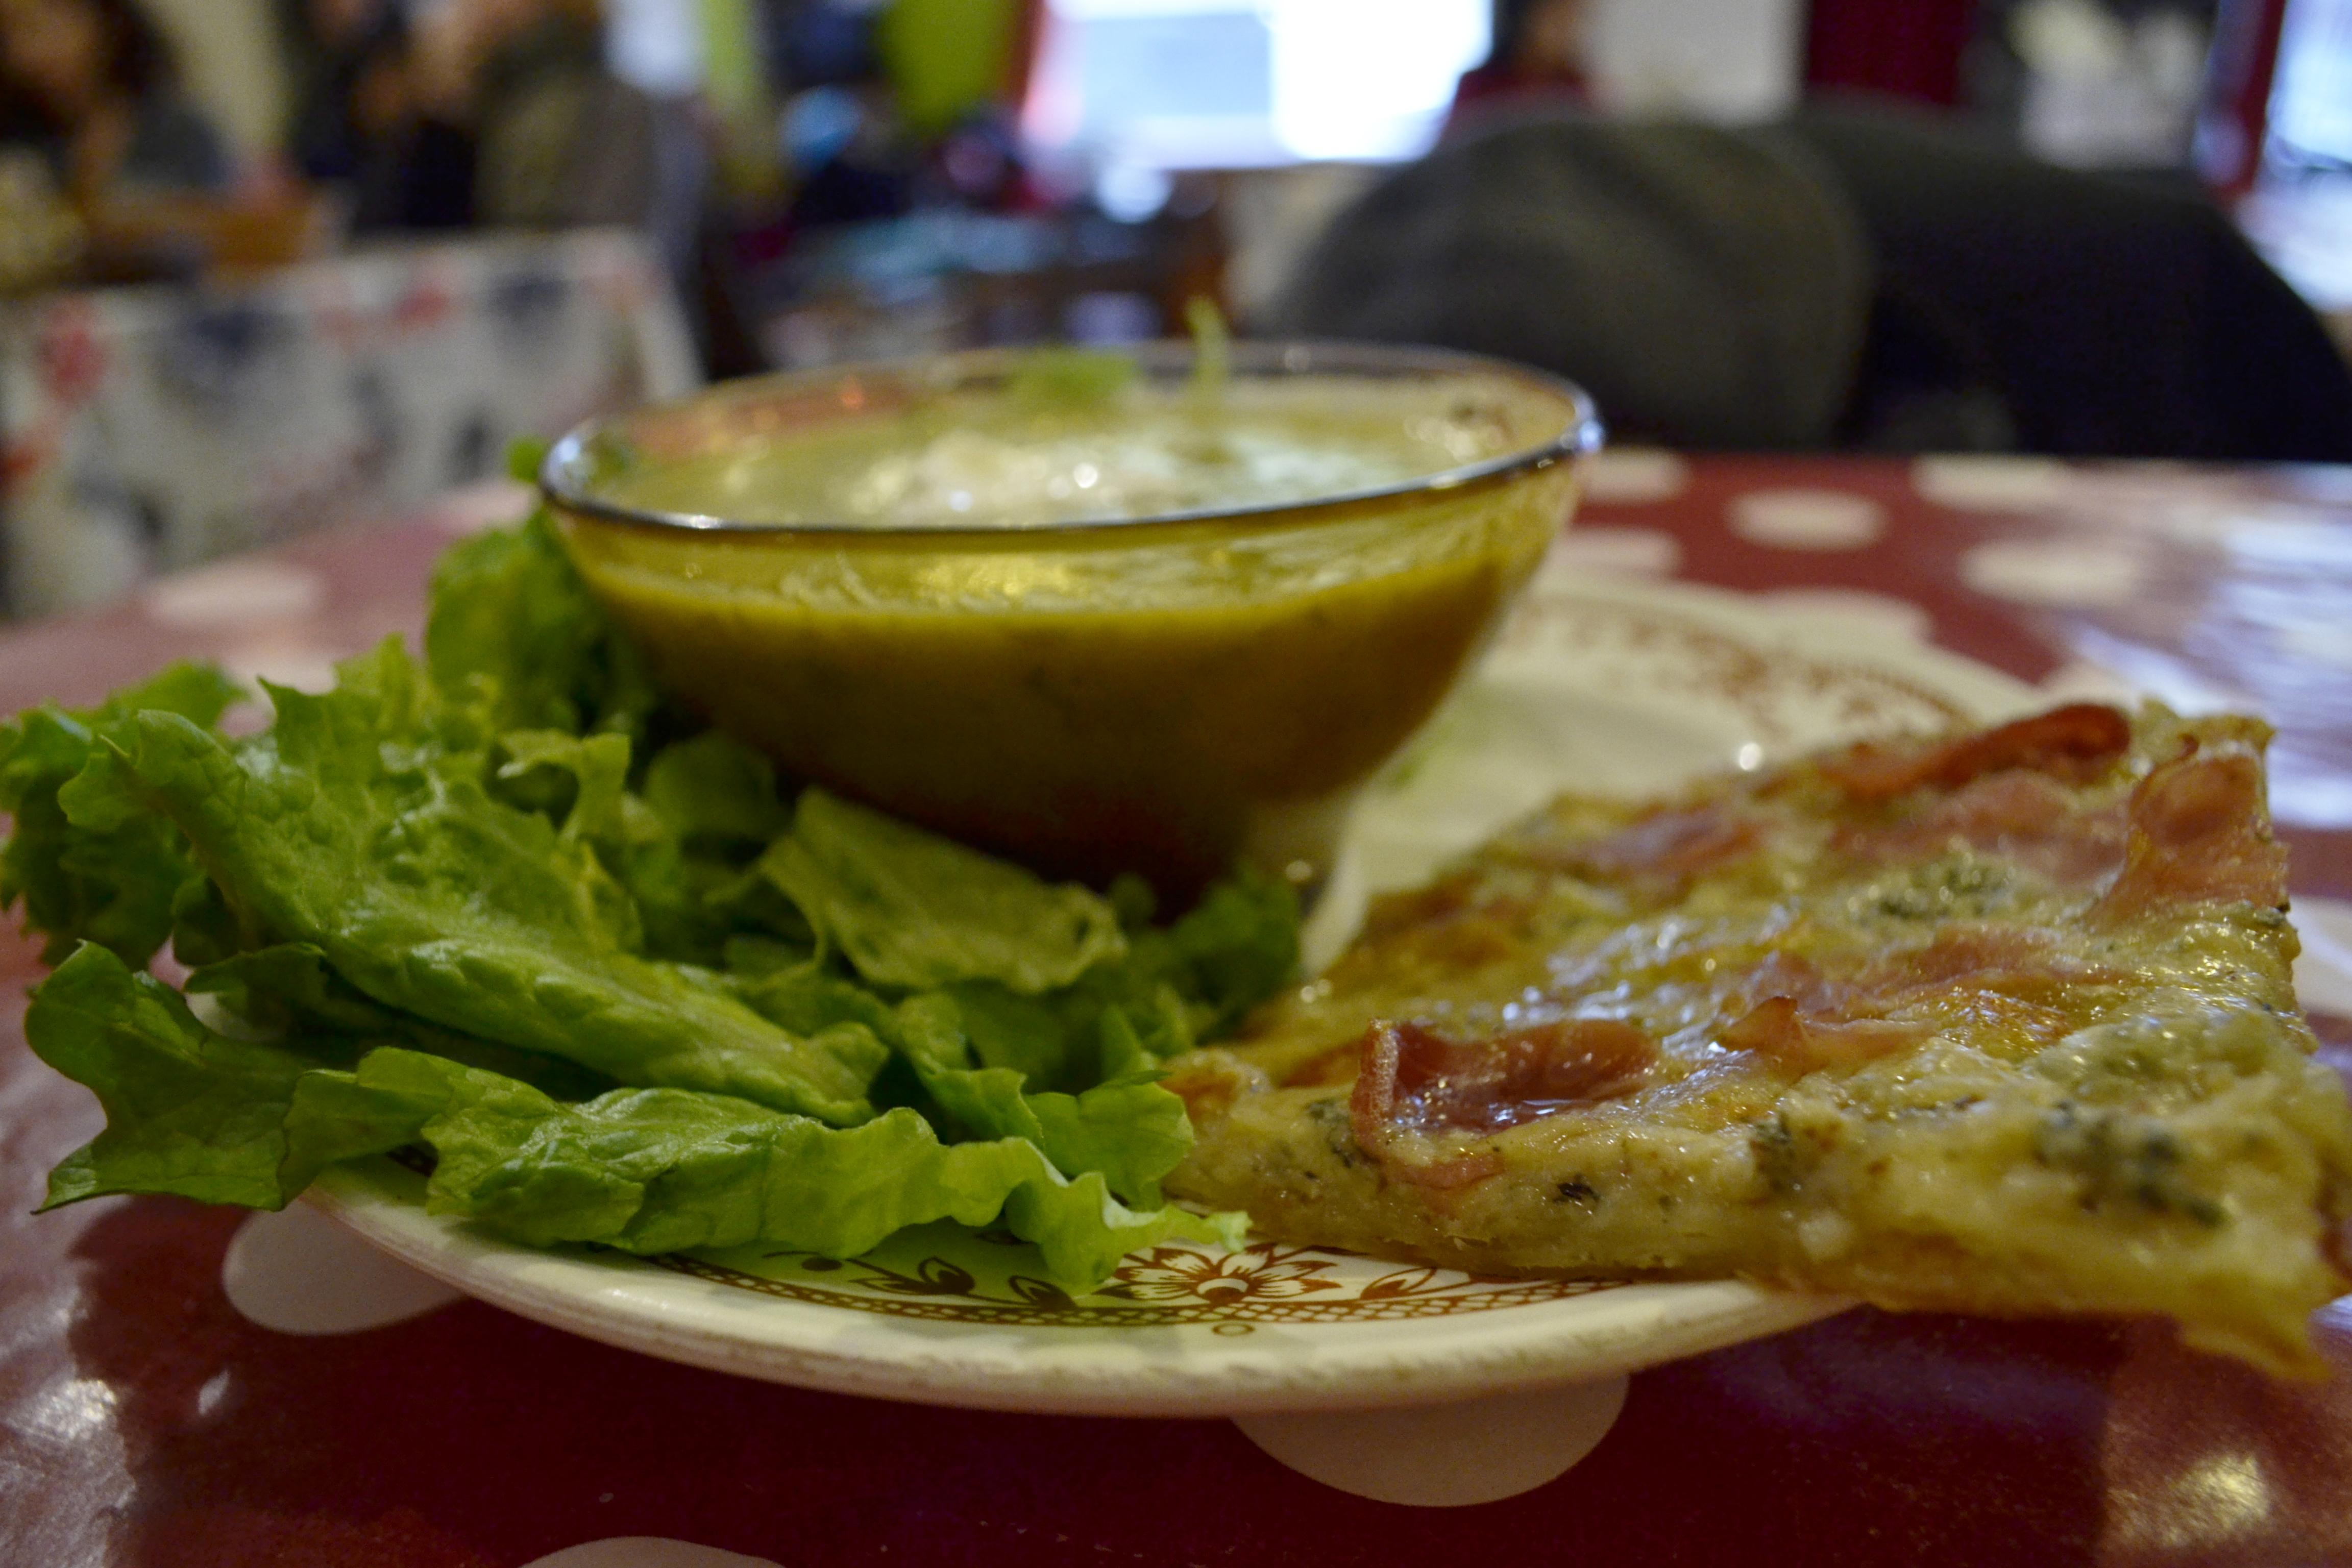 Assiette à la RM - Soupe, pizza et salade verte